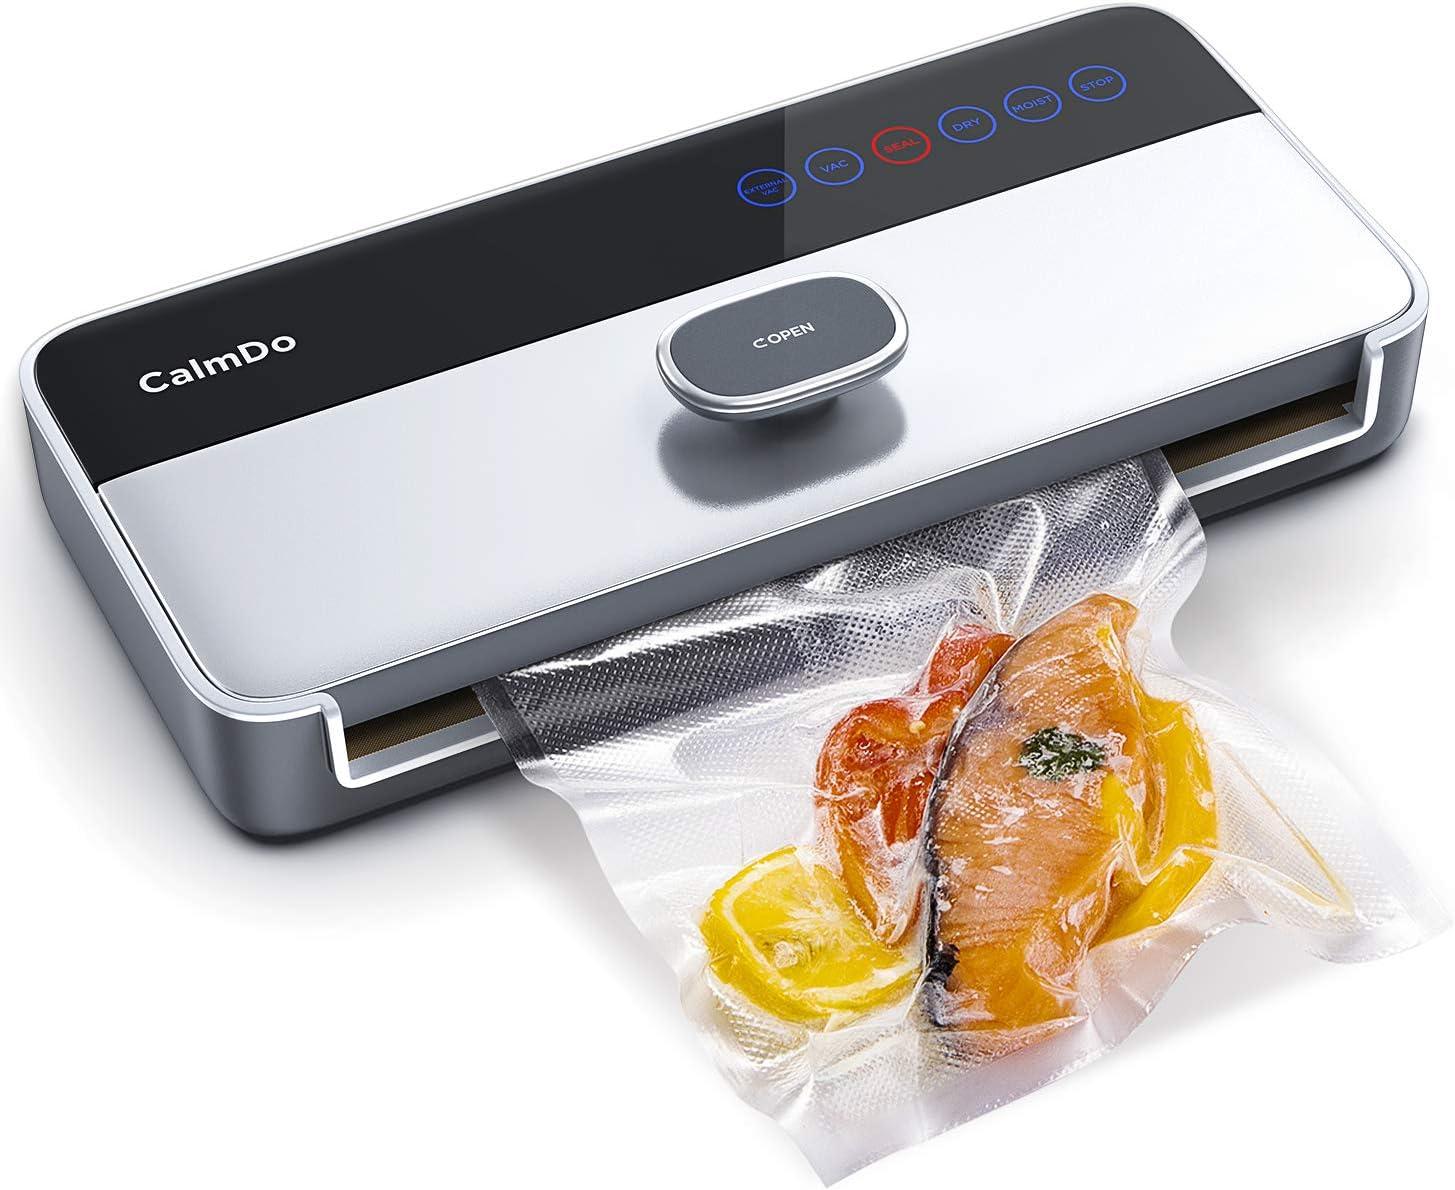 CalmDo Envasadora al Vacío Automático para Alimentos, CD-V001 6 en 1 Sellador al Vacío Profesional Seco y Húmedo 120W con Rollo Bolsas y Tubo para Uso Doméstico